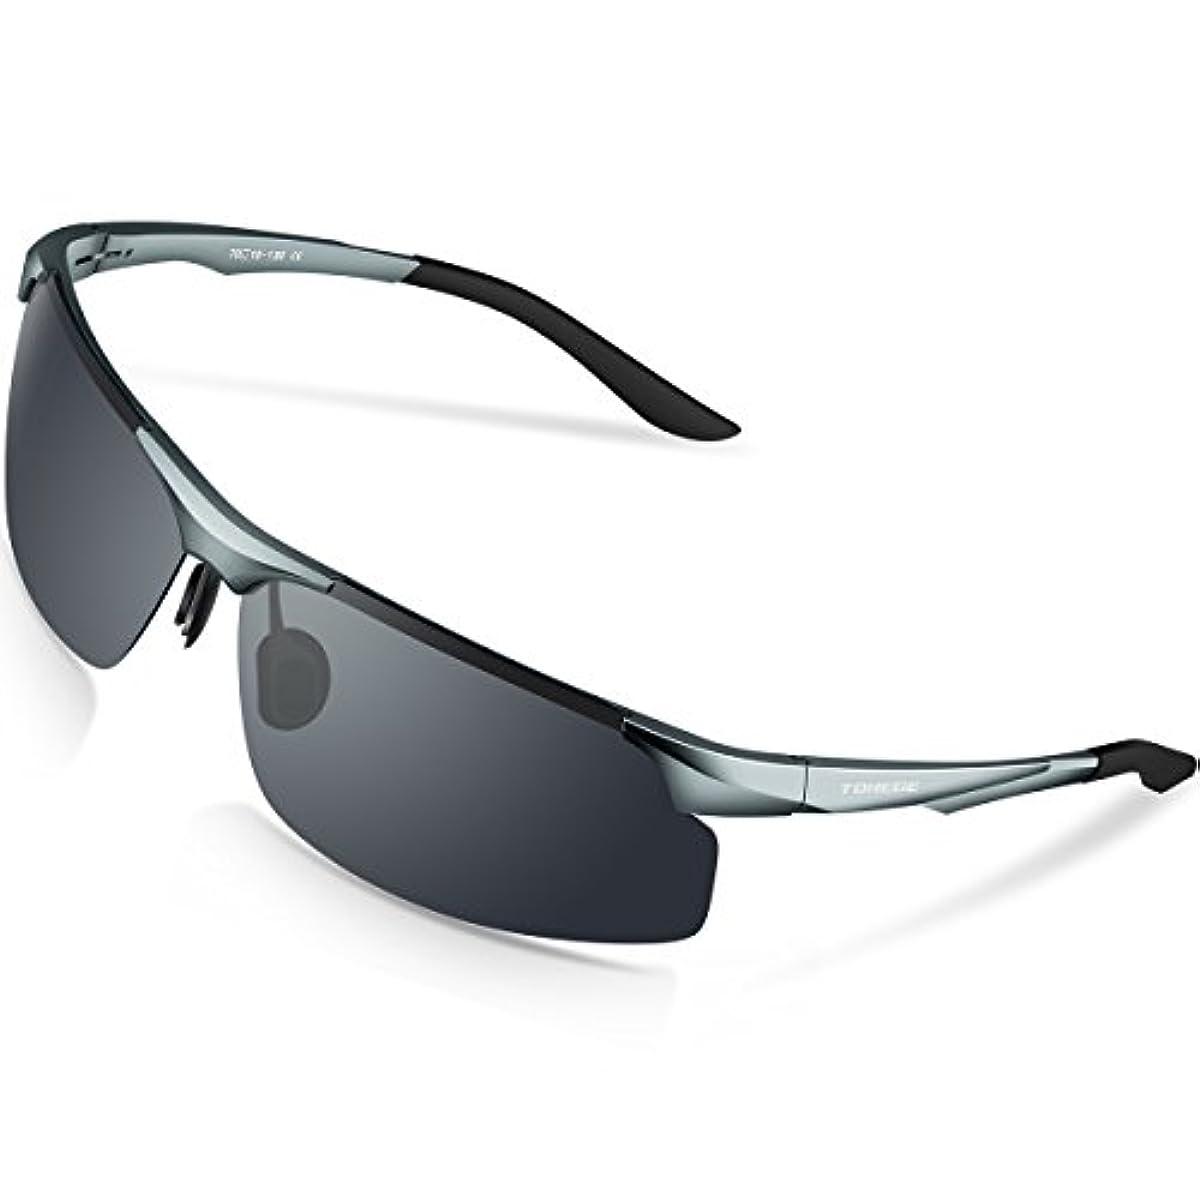 [해외] TOREGE 편광 렌즈 스포츠 썬글라스 초경량 알루미늄・마그네슘 합성피혁금 UV400 자외선 컷 스포츠 썬글라스/ 자전거/낚시/야구/테니스/스키/런닝/골프/드라이기이브 M291